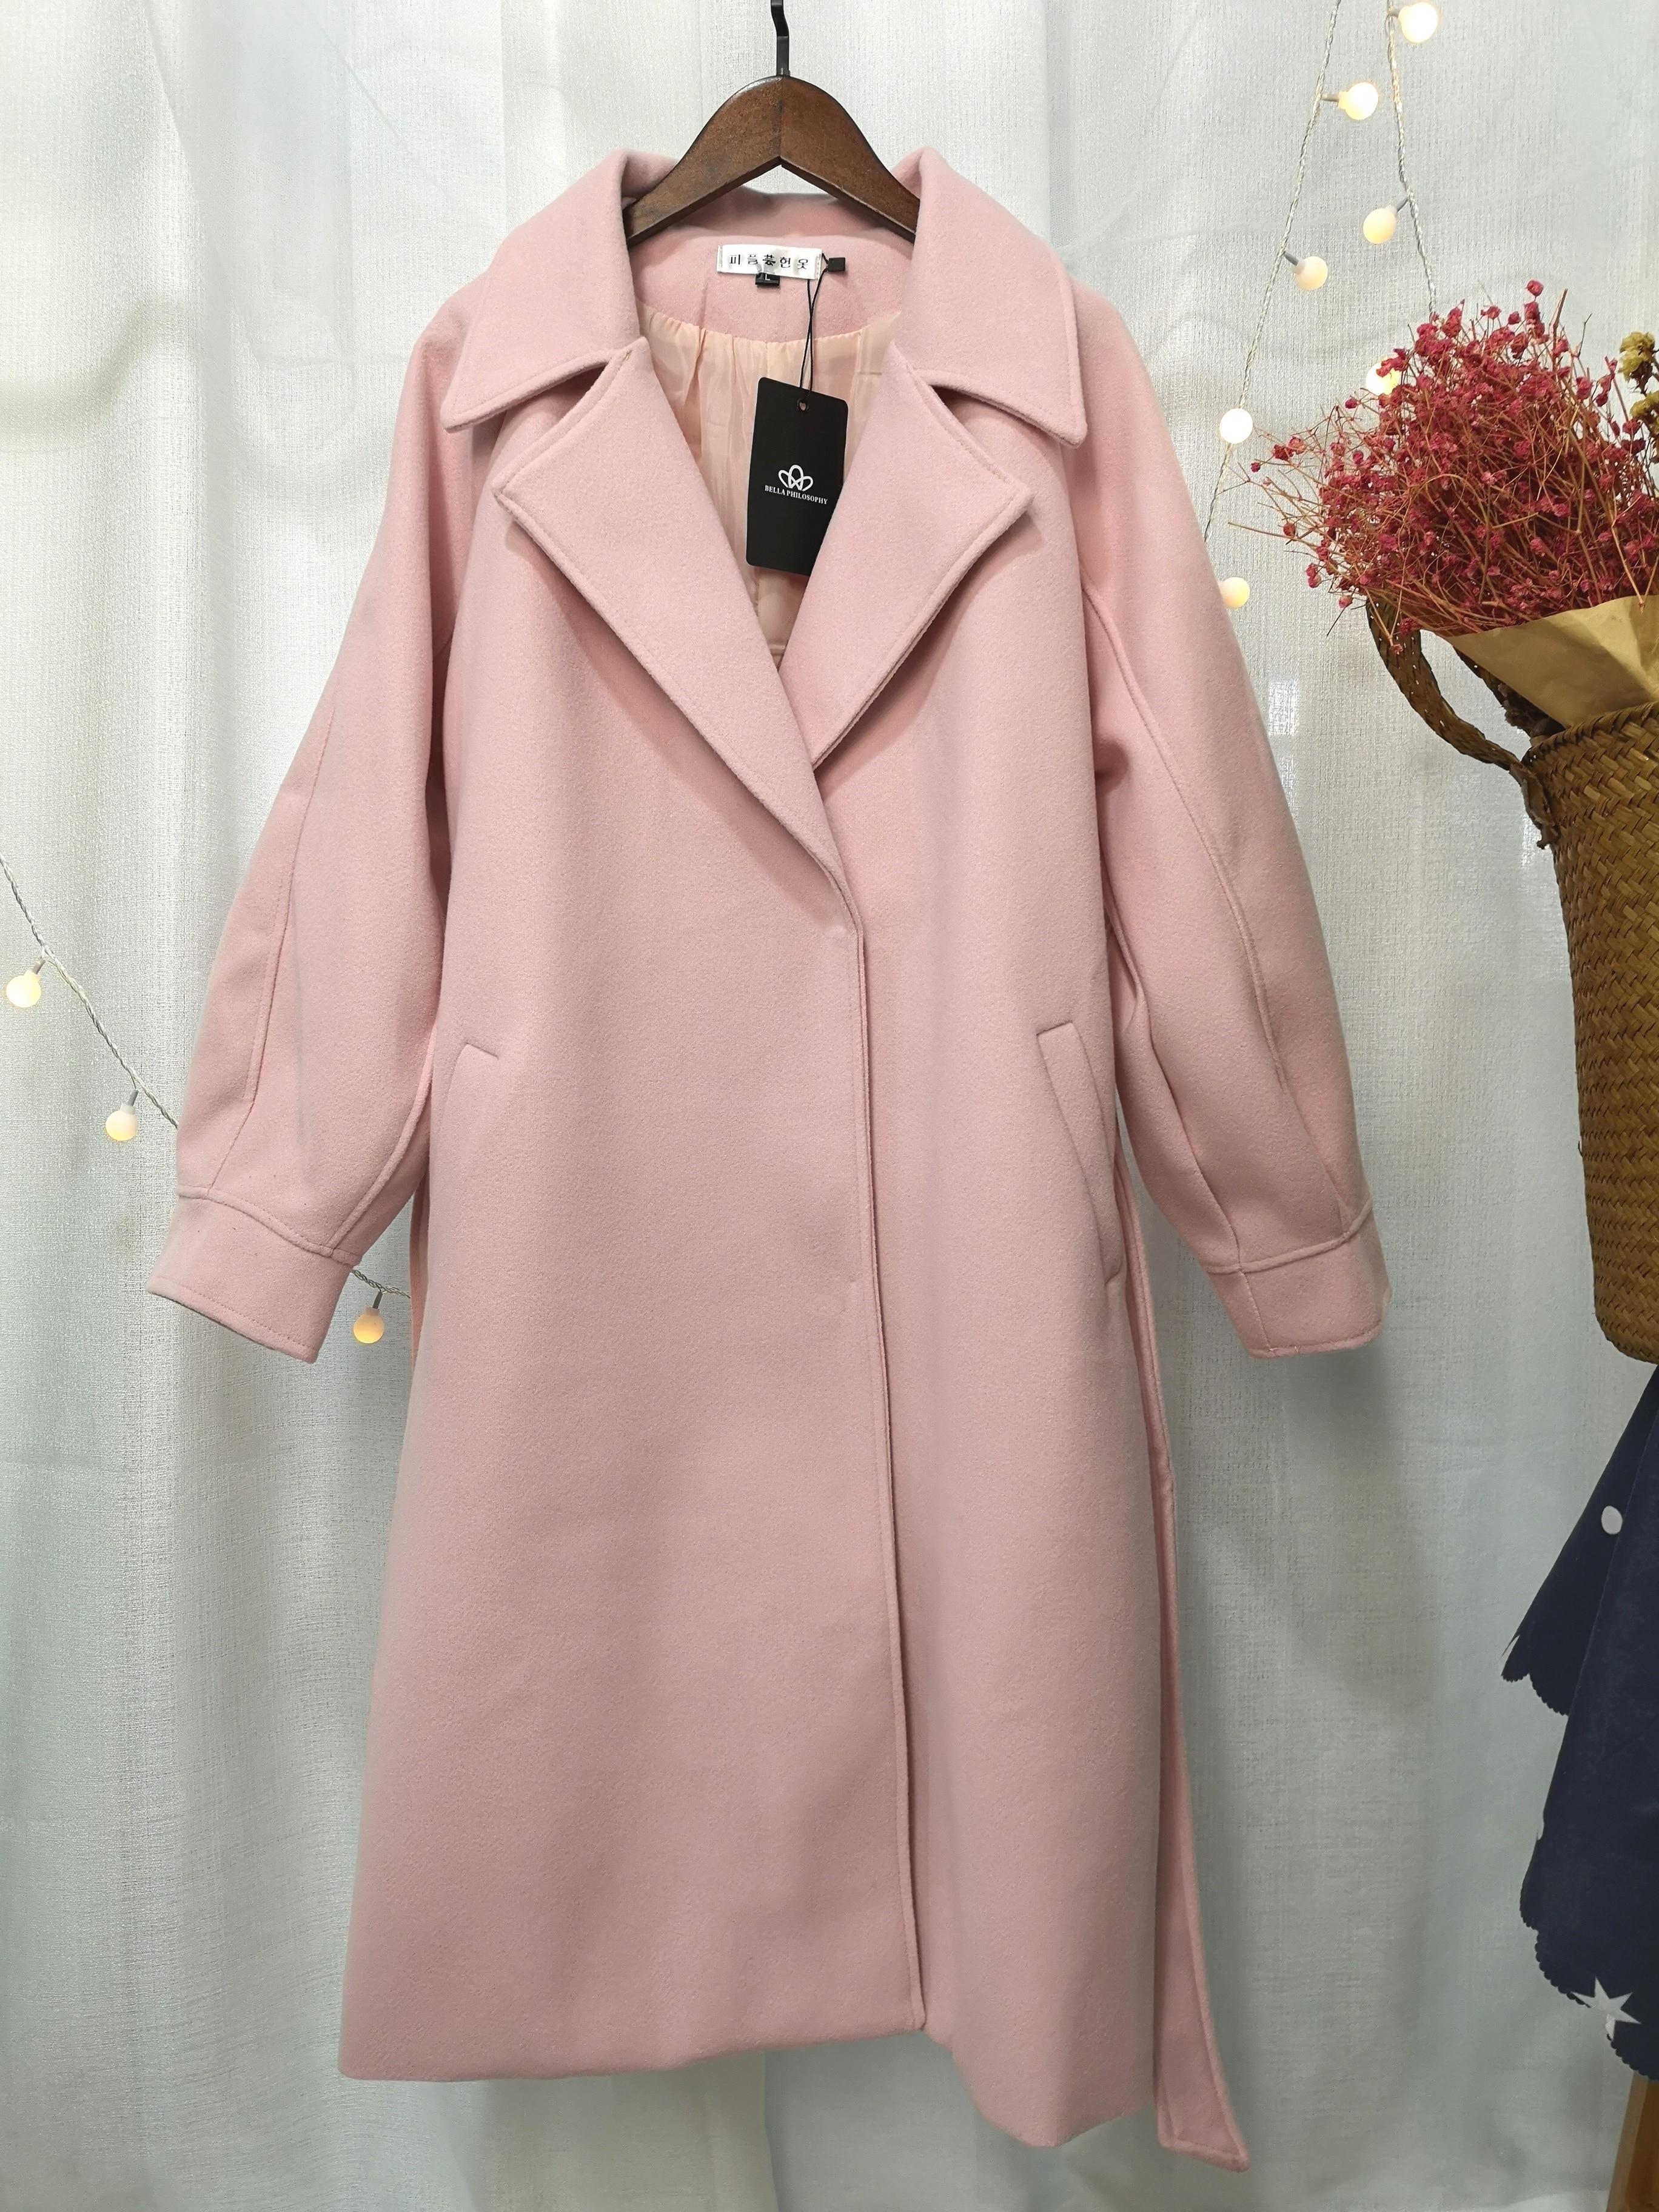 2019 Autumn Winter Woolen coats Women Lantern Sleeve Wool&blends Long Woolen Coat Casual Loose Wool Jacket Female Outwear 6